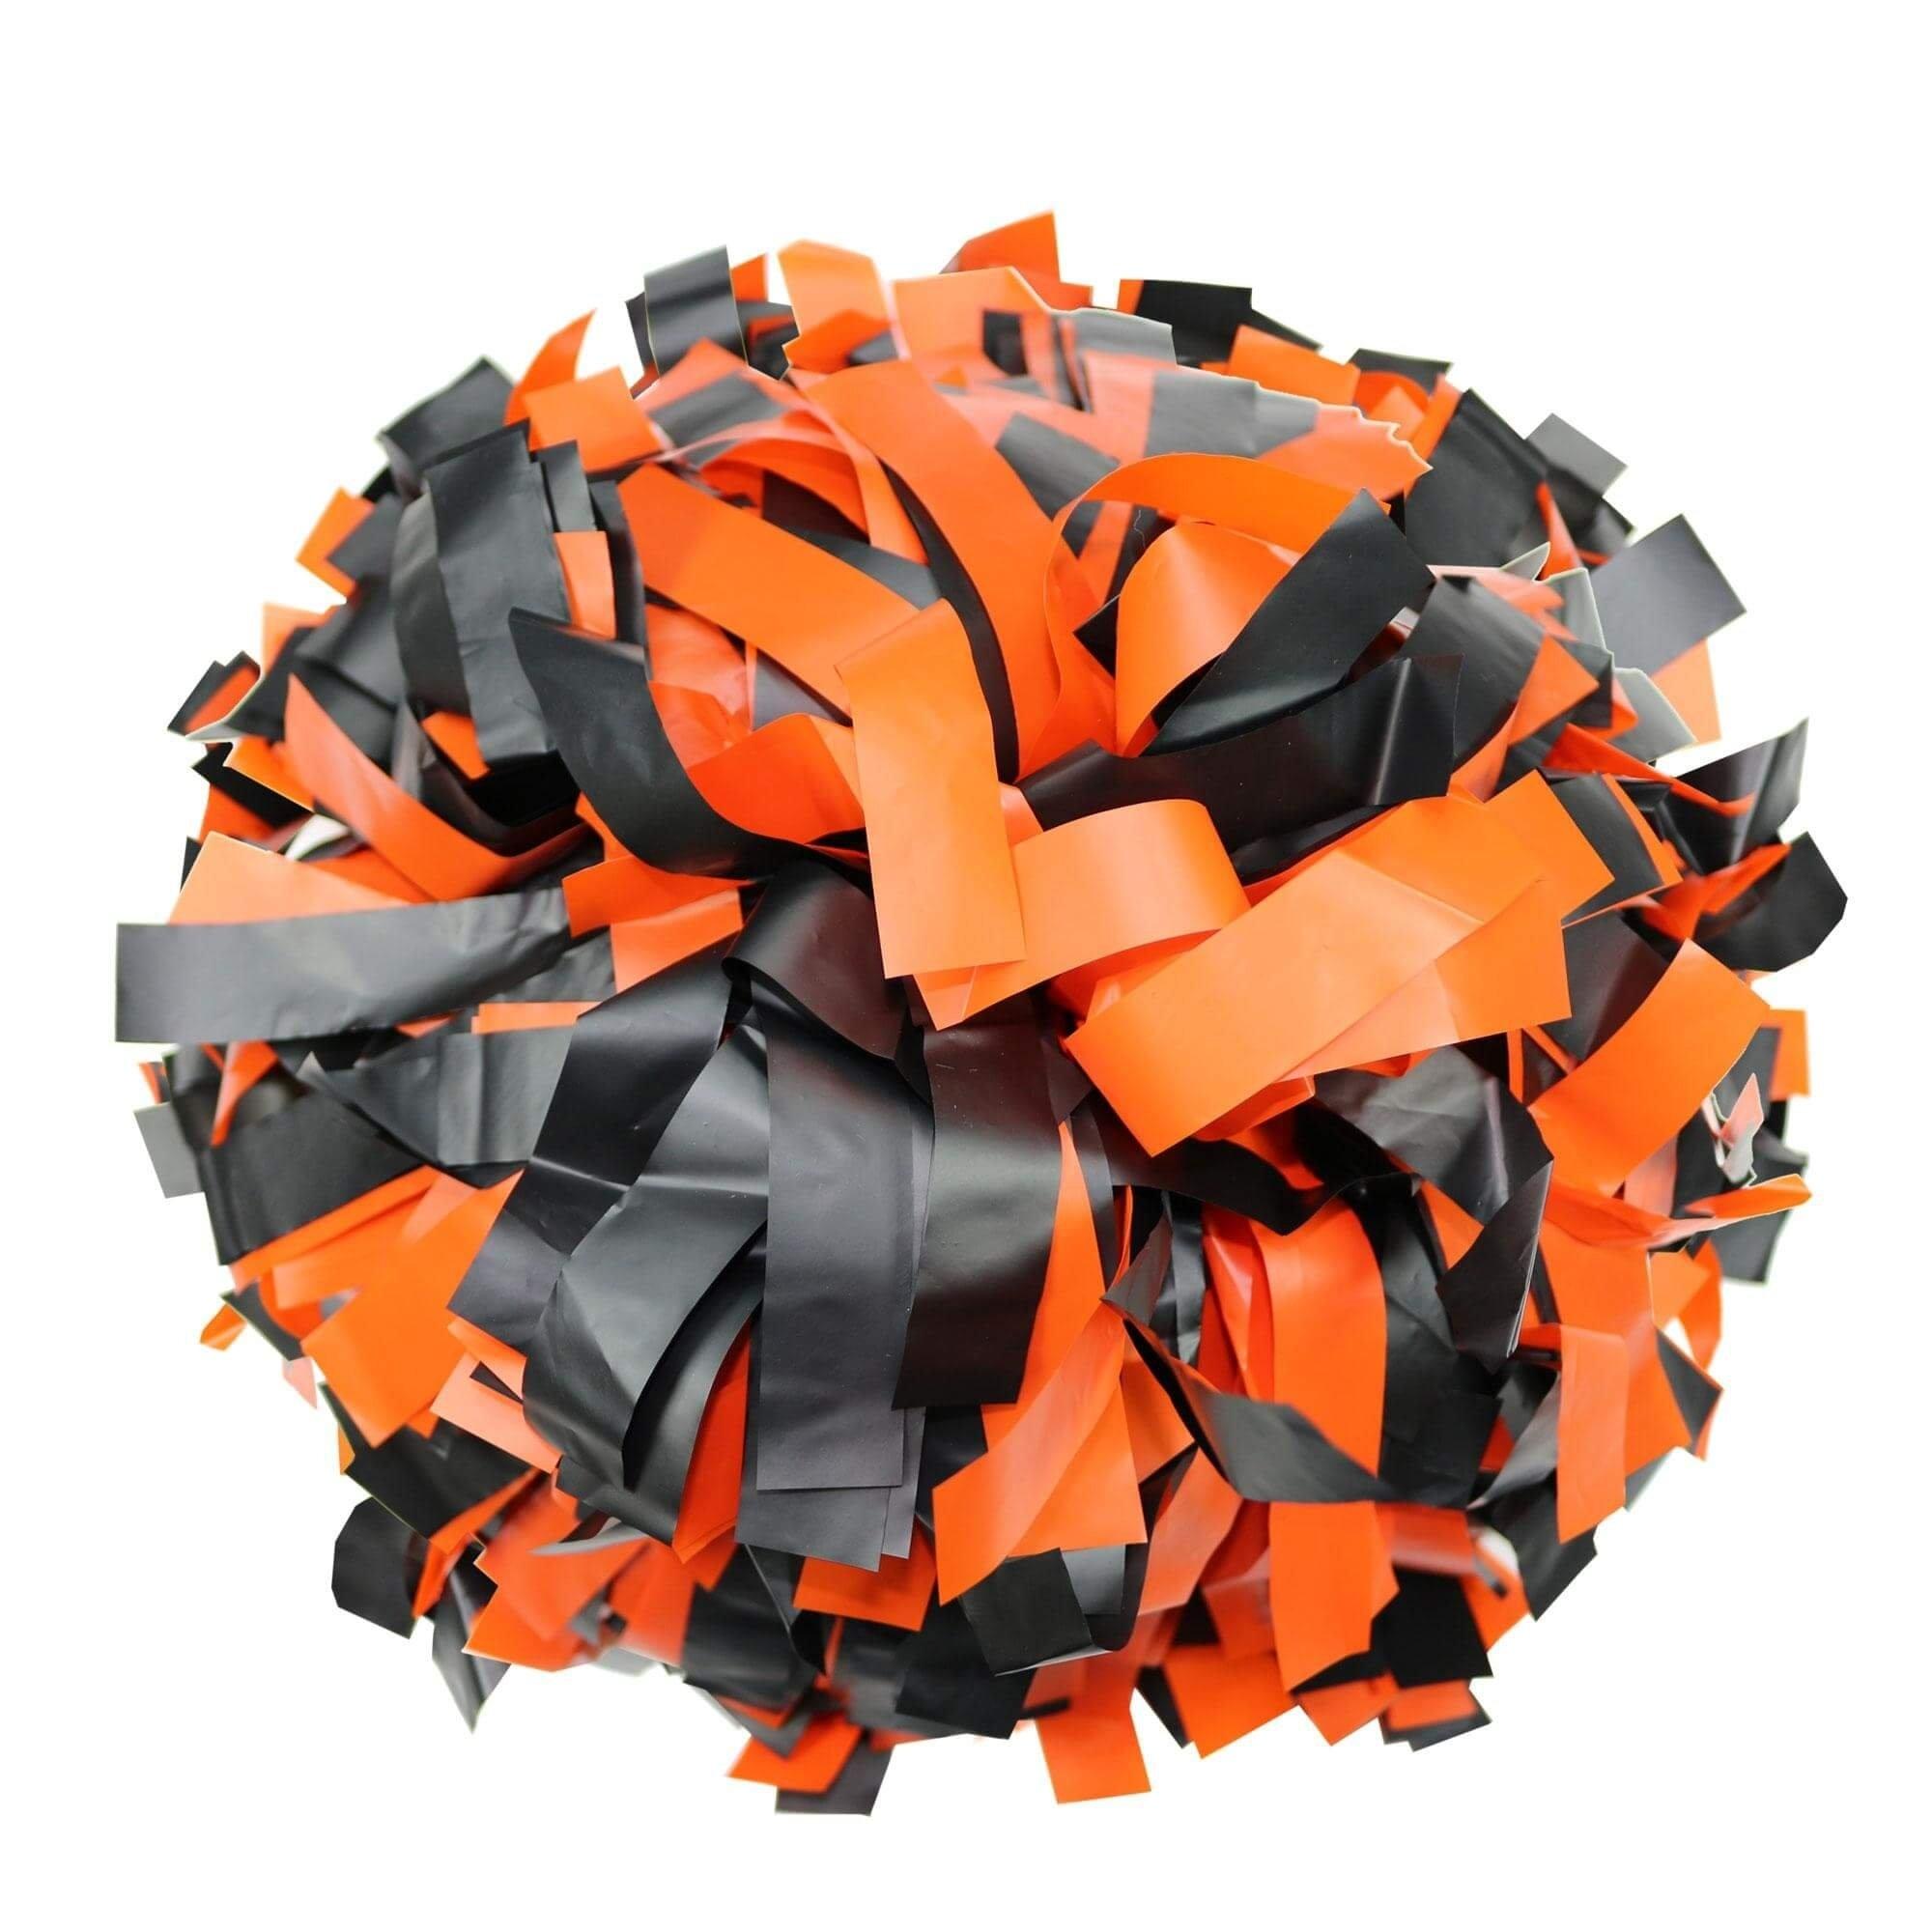 Danzcue Orange/black Plastic Poms - One Pair